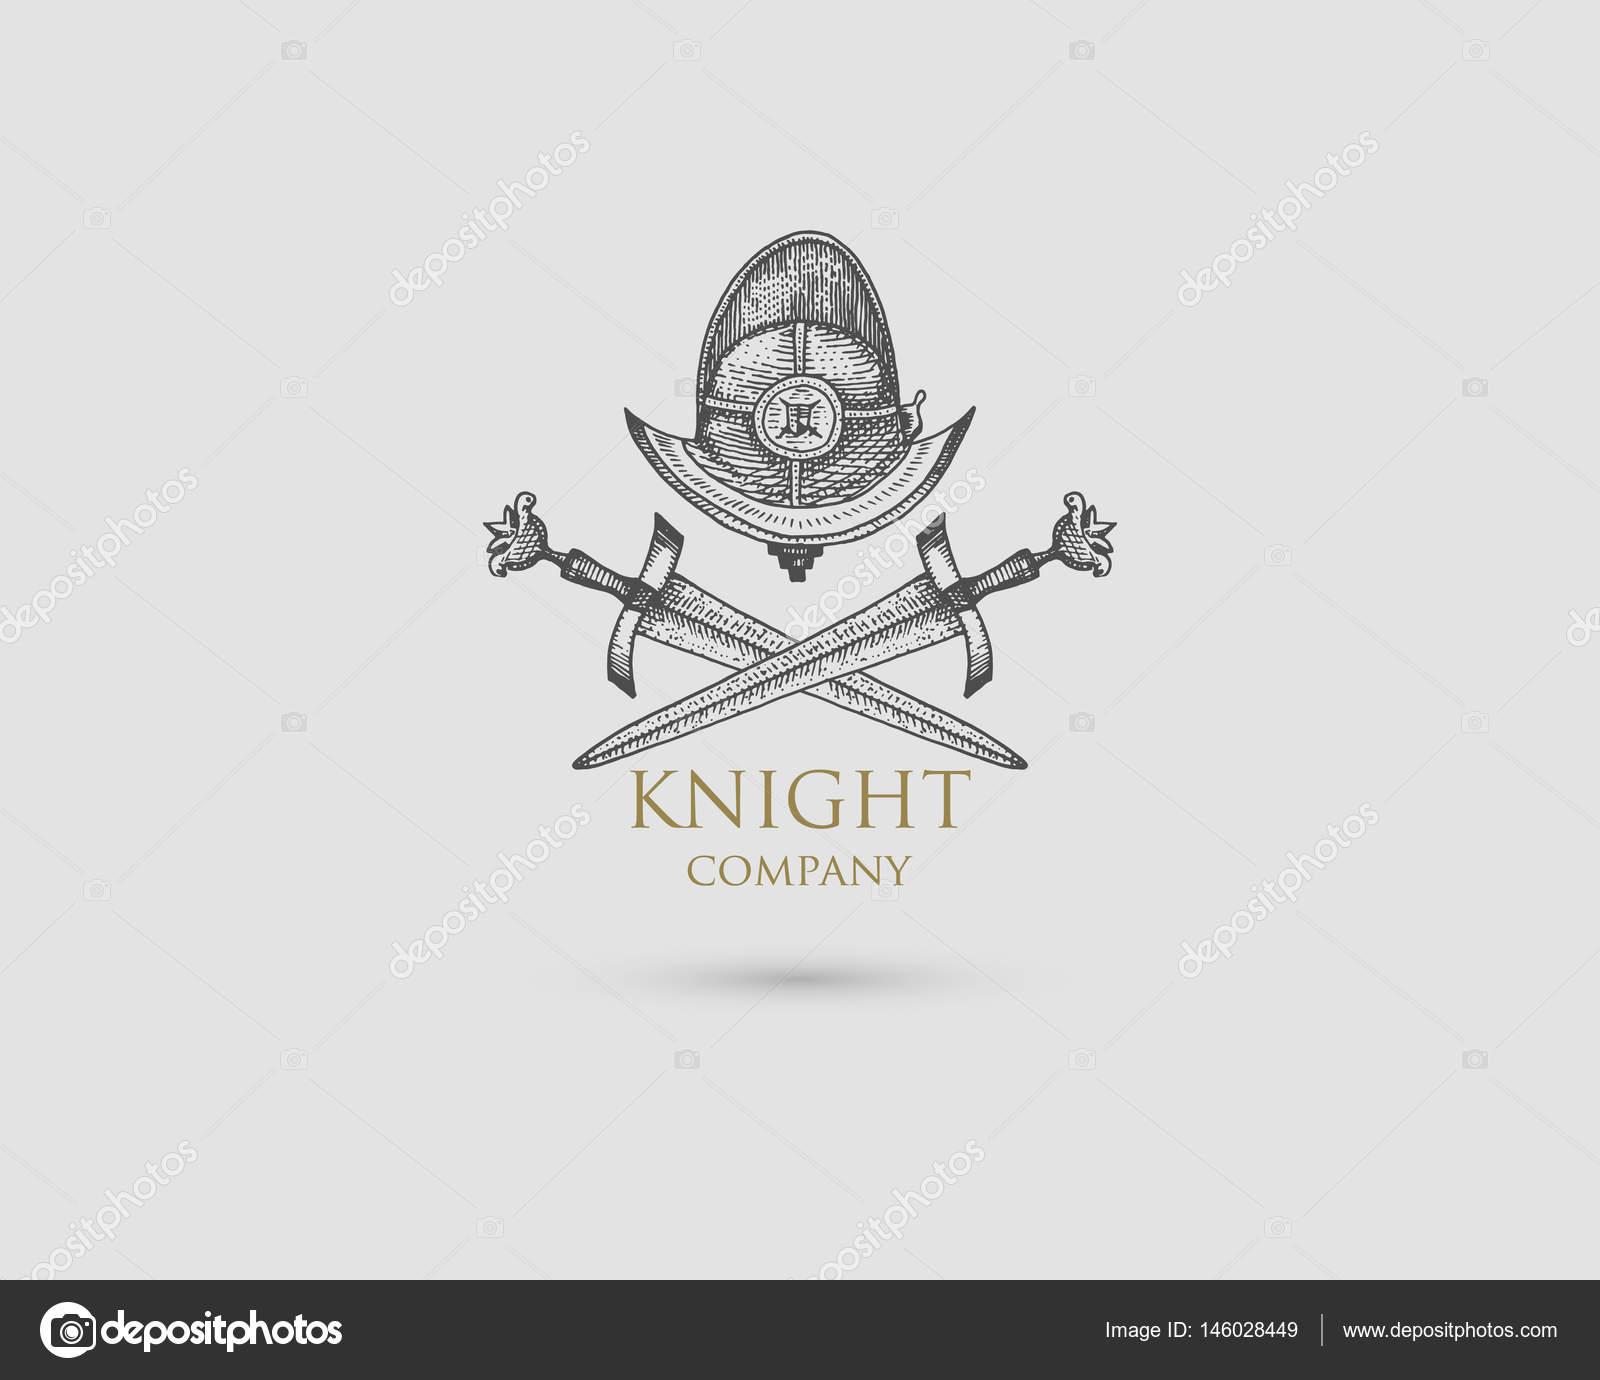 Drawn symbol medieval Engraved Helmet Helmet in Logo